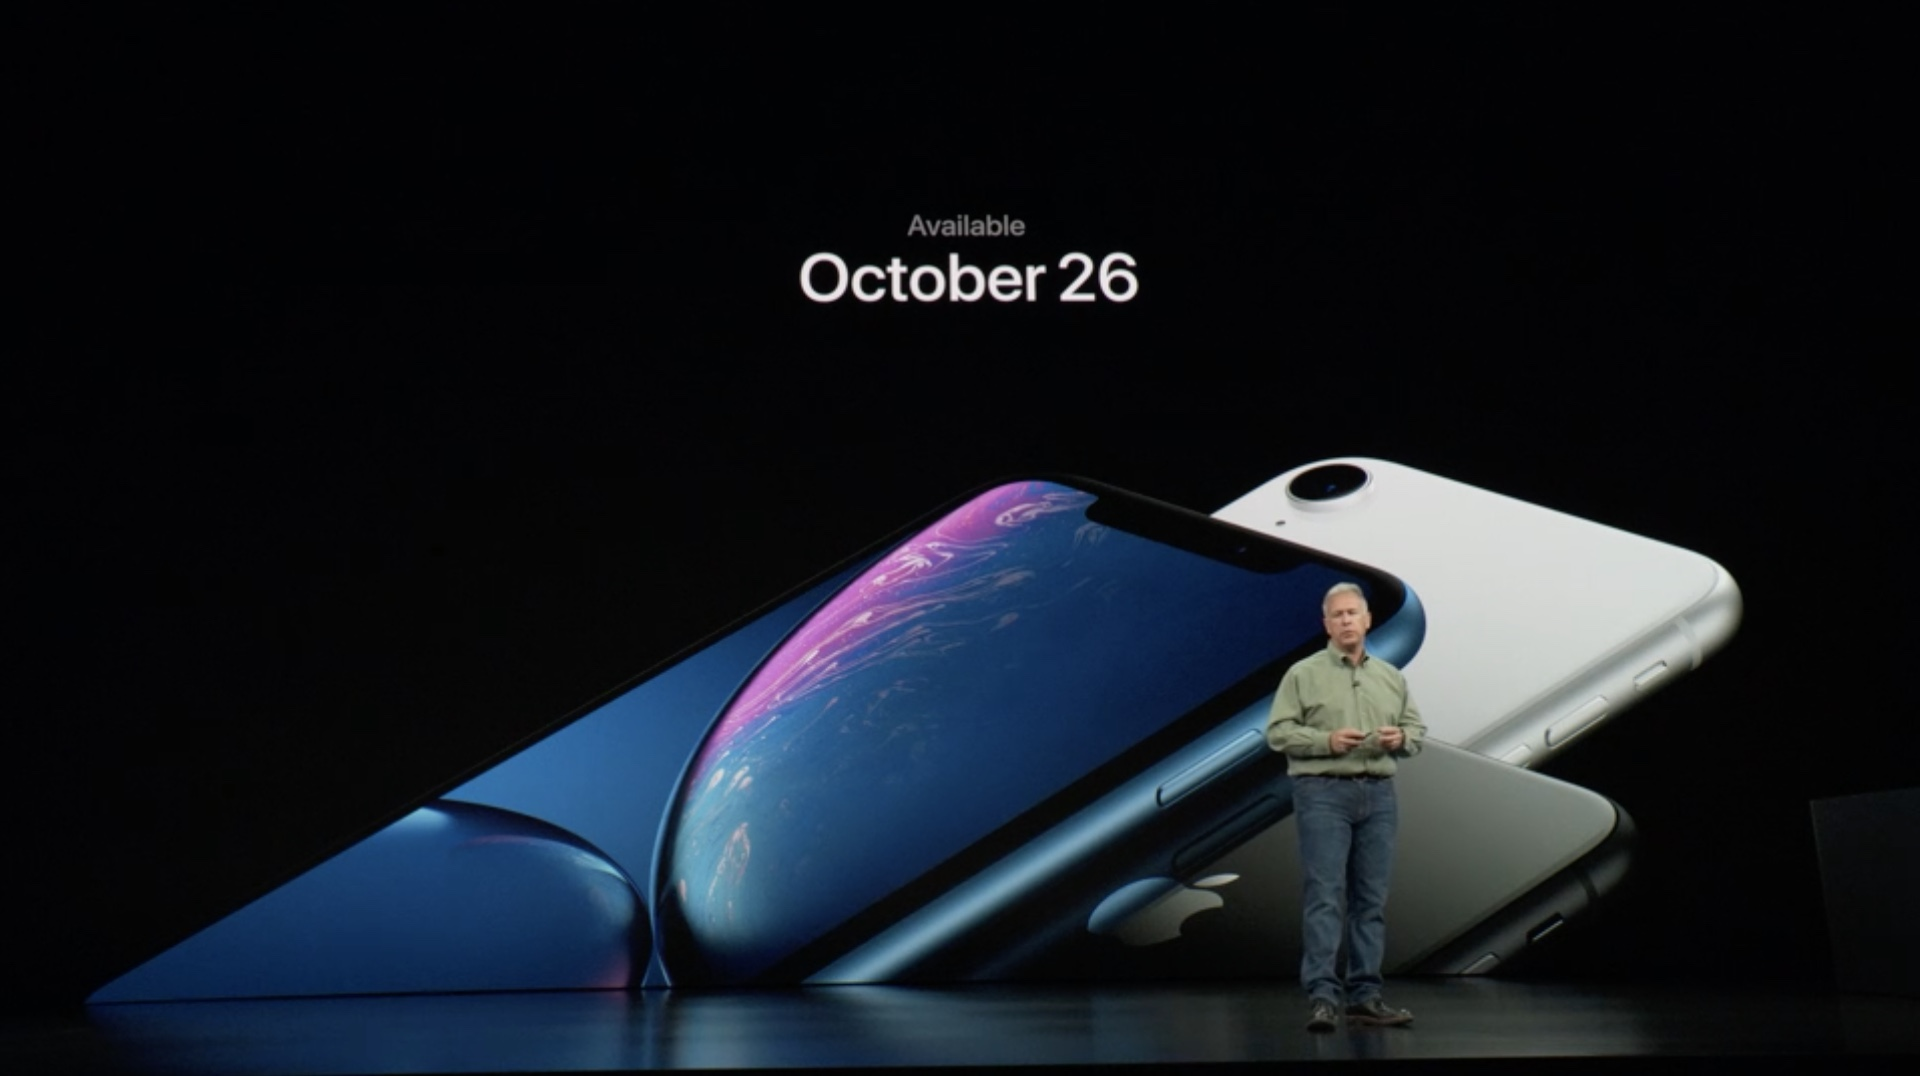 gather-around-apple-event-2018-2754.jpg